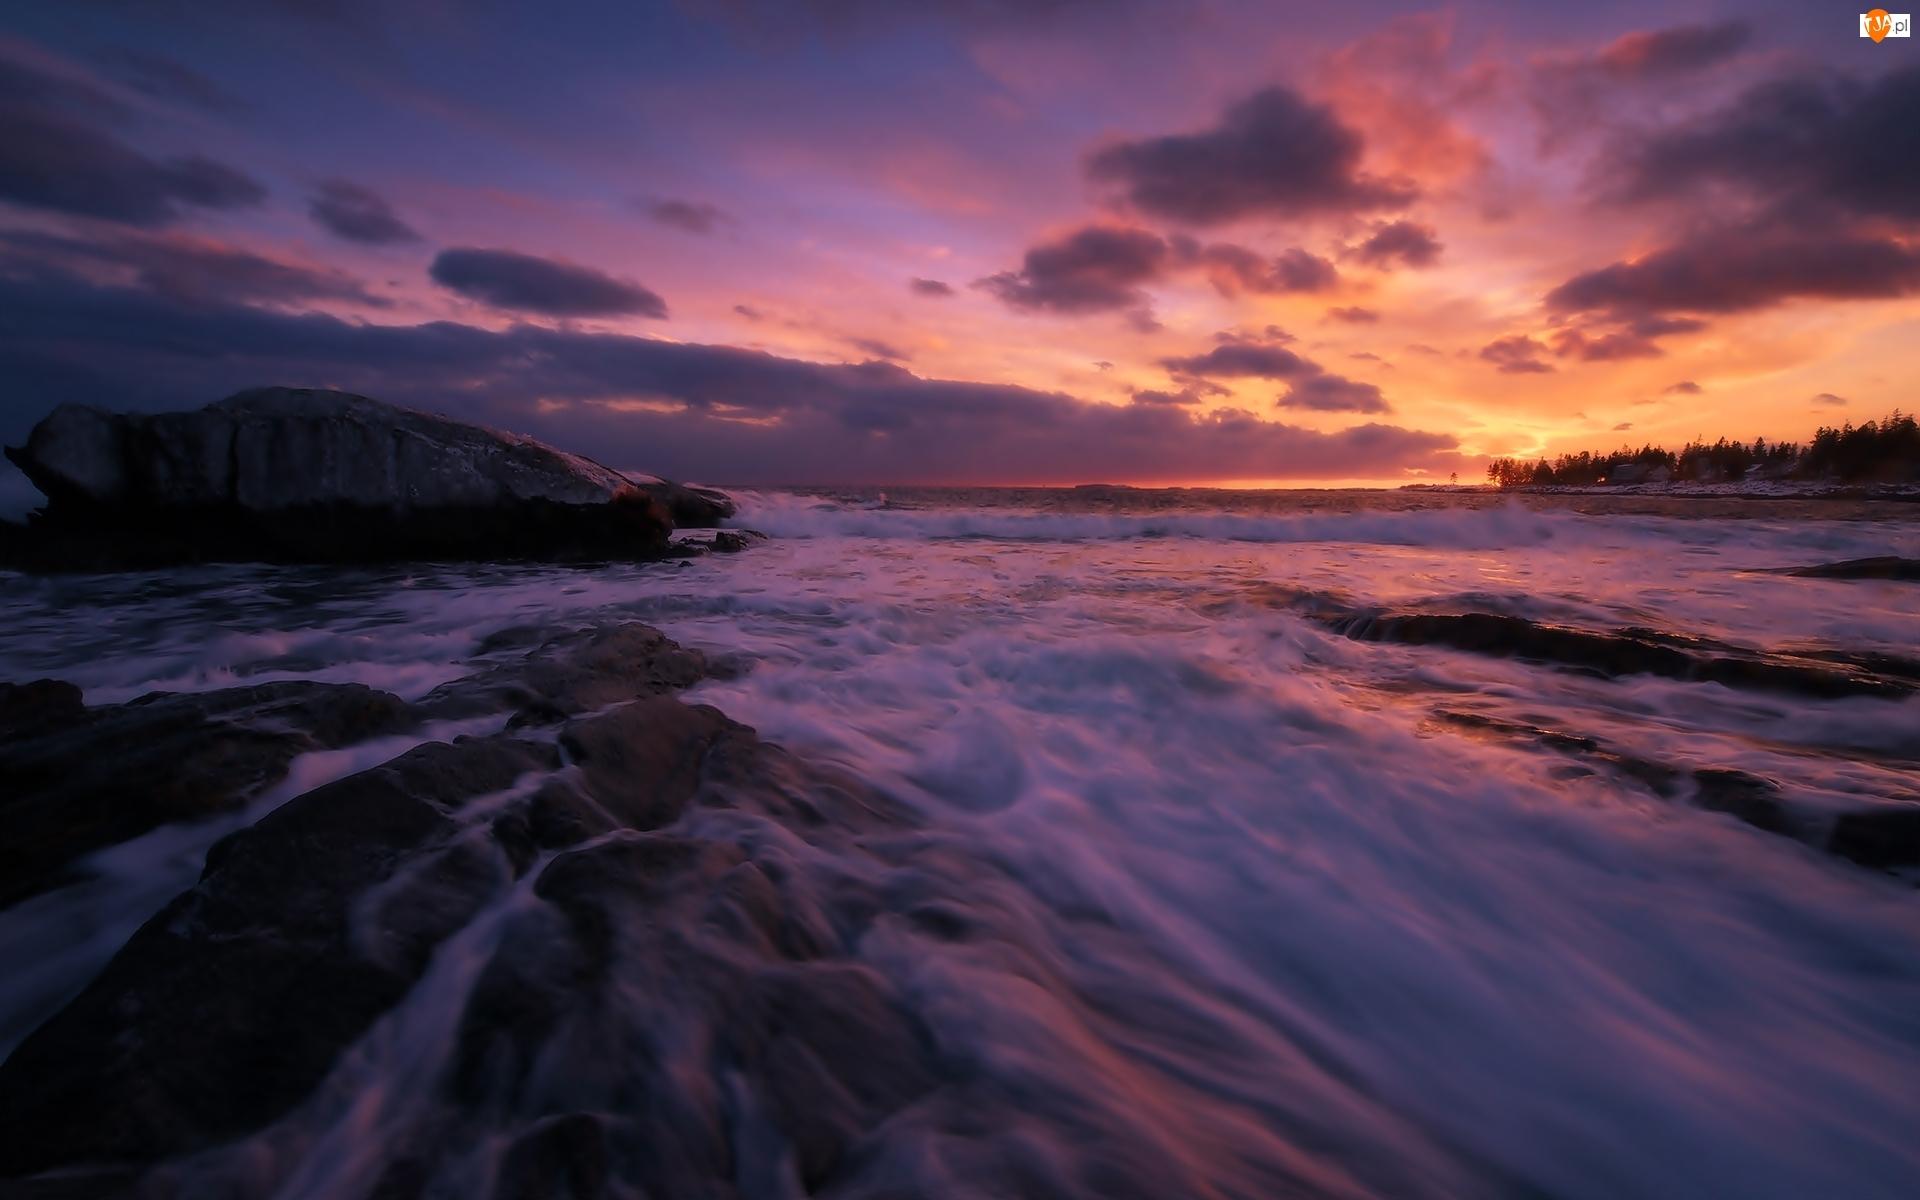 Ocean Atlantycki, Zachód słońca, Stany Zjednoczone, Skały, Stan Maine, Chmury